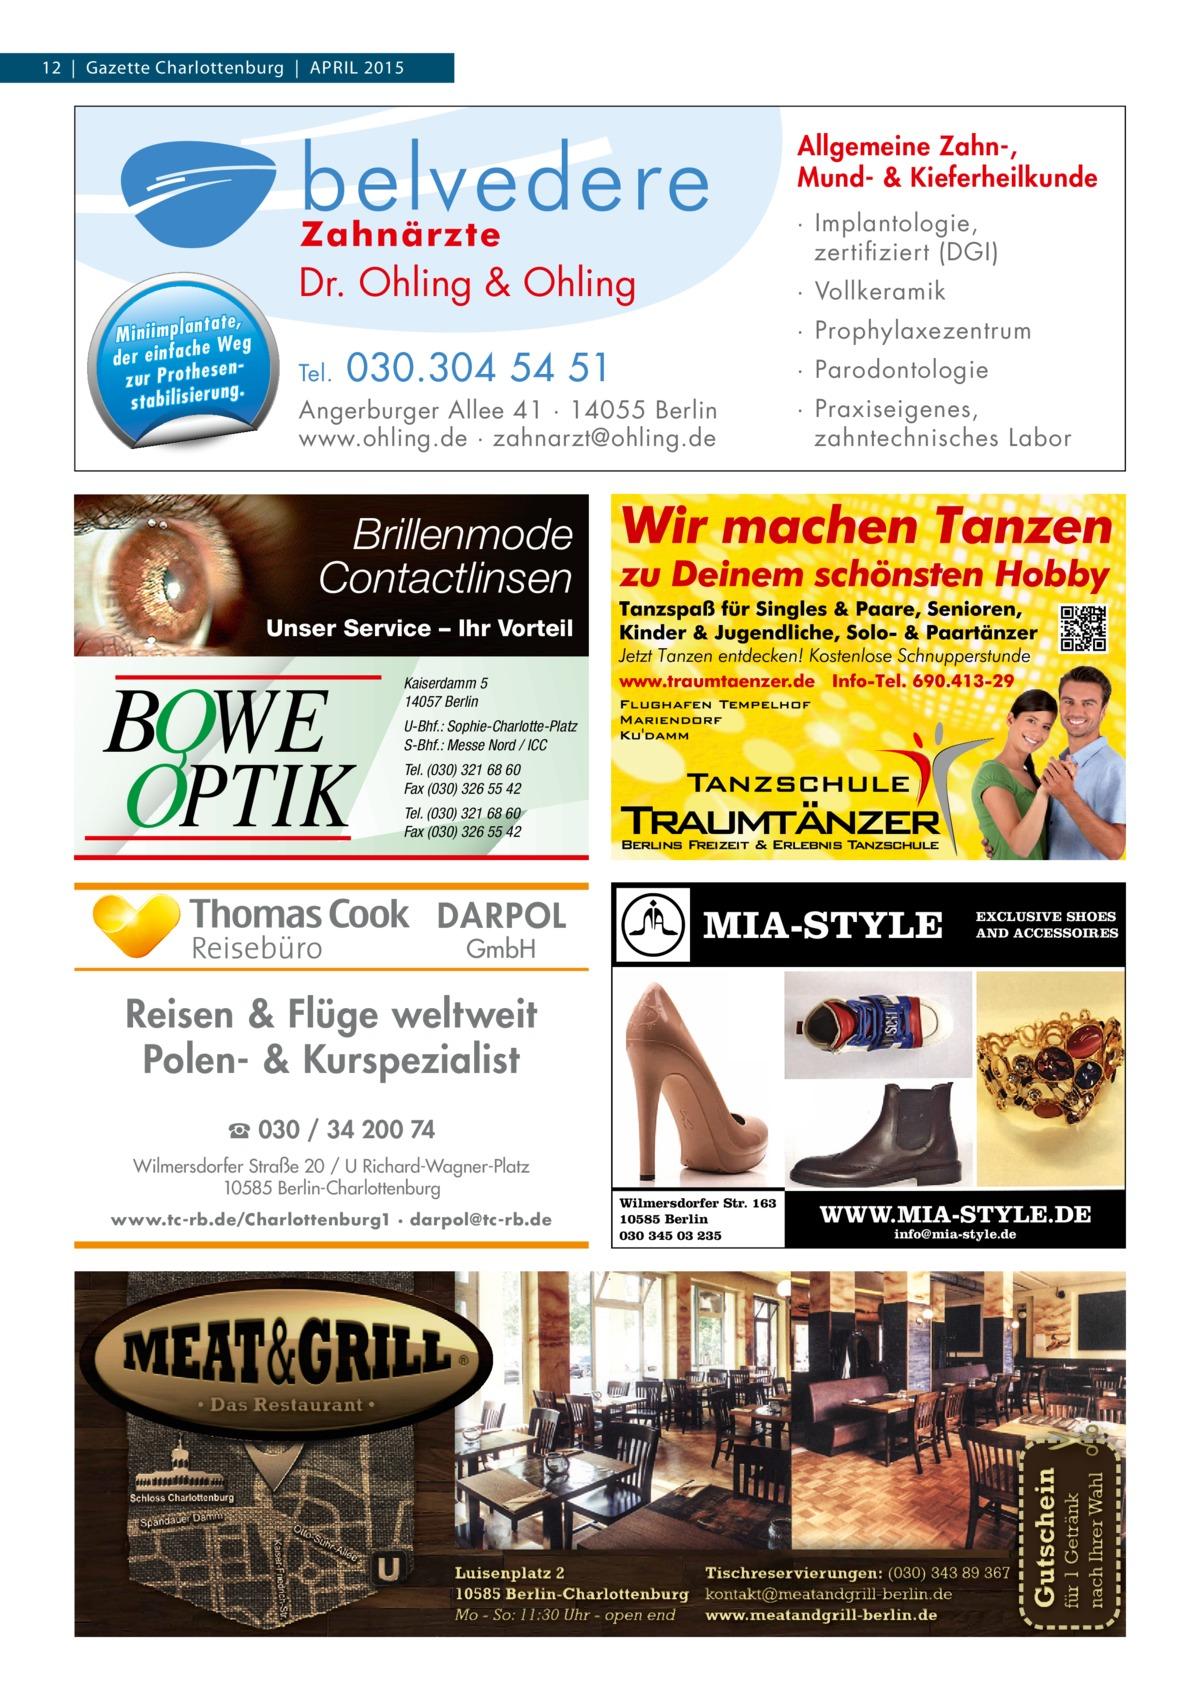 12 | Gazette Charlottenburg | APRIL 2015  Allgemeine Zahn-, Mund- & Kieferheilkunde  n ta te , M in ii m p la We g e d e r e in fa ch e n s e z u r P ro th g . n ru ie s ta b il is  · Implantologie, zertifiziert (DGI)  Dr. Ohling & Ohling Tel.  · Vollkeramik · Prophylaxezentrum  030.304 54 51  · Parodontologie  Angerburger Allee 41 · 14055 Berlin www.ohling.de · zahnarzt@ohling.de  · Praxiseigenes, zahntechnisches Labor  Brillenmode Contactlinsen Unser Service – Ihr Vorteil  BOWE OPTIK  Kaiserdamm 5 14057 Berlin U-Bhf.: Sophie-Charlotte-Platz S-Bhf.: Messe Nord / ICC Tel. (030) 321 68 60 Fax (030) 326 55 42 Tel. (030) 321 68 60 Fax (030) 326 55 42  DARPOL GmbH  MIA-STYLE  EXCLUSIVE SHOES AND ACCESSOIRES  Reisen & Flüge weltweit Polen- & Kurspezialist ☎ 030 / 34 200 74 Wilmersdorfer Straße 20 / U Richard-Wagner-Platz 10585 Berlin-Charlottenburg www.tc-rb.de/Charlottenburg1 · darpol@tc-rb.de  Wilmersdorfer Str. 163 10585 Berlin 030 345 03 235  WWW.MIA-STYLE.DE info@mia-style.de  für 1 Getränk nach Ihrer Wahl  Tischreservierungen: (030) 343 89 367 Luisenplatz 2 10585 Berlin-Charlottenburg kontakt@meatandgrill-berlin.de www.meatandgrill-berlin.de Mo - So: 11:30 Uhr - open end  Gutschein  �  • Das Restaurant •